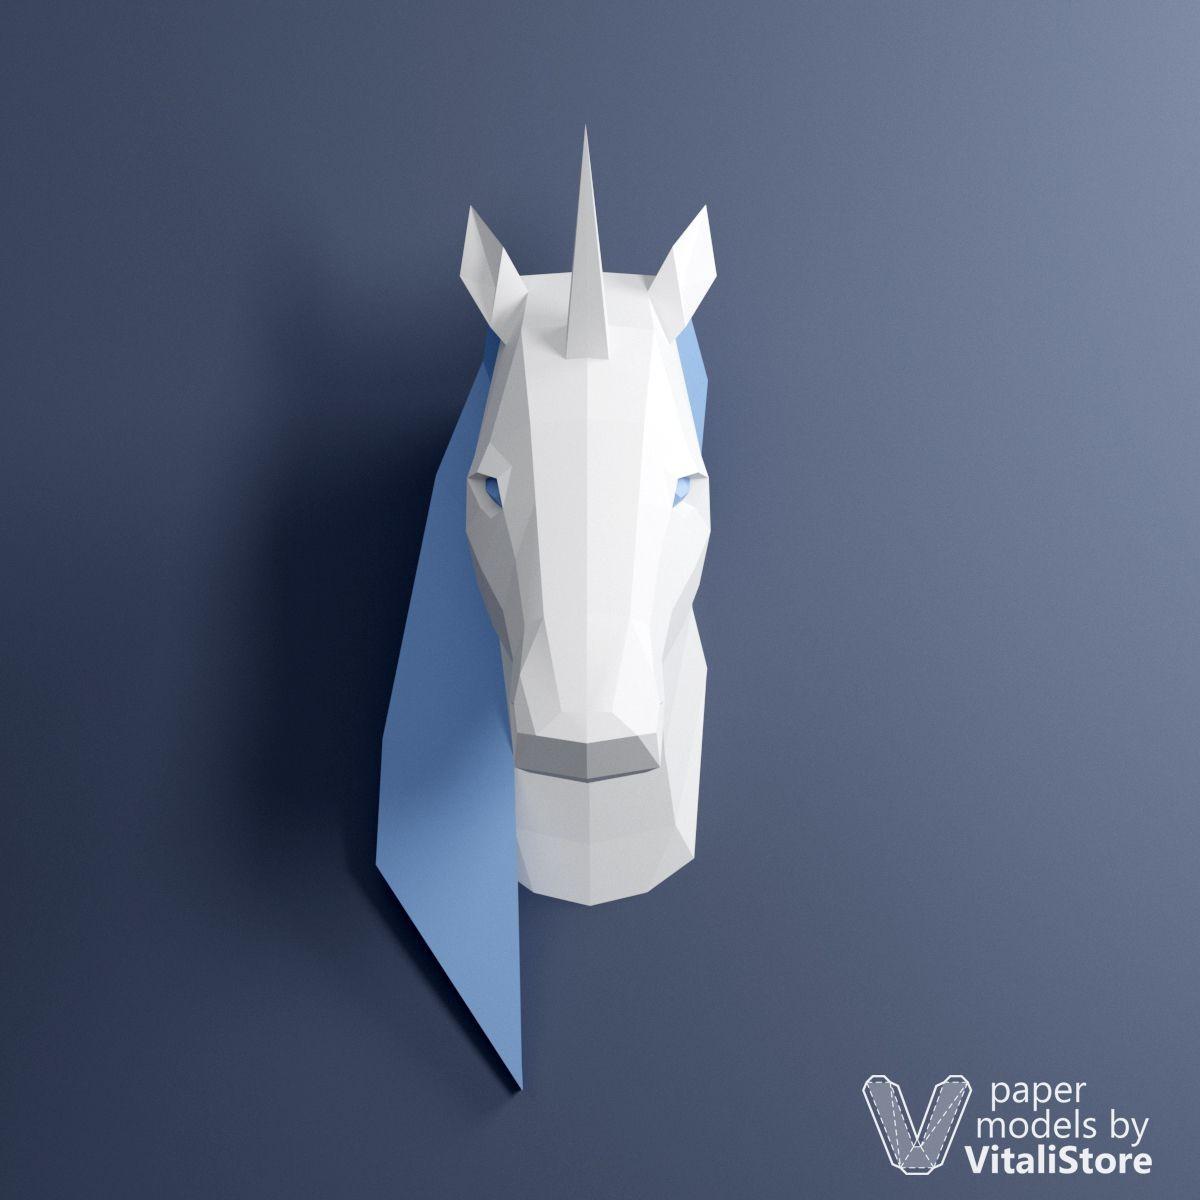 3d Model to Papercraft Unicorn Papercraft 3d Paper Sculpture Wall Decor